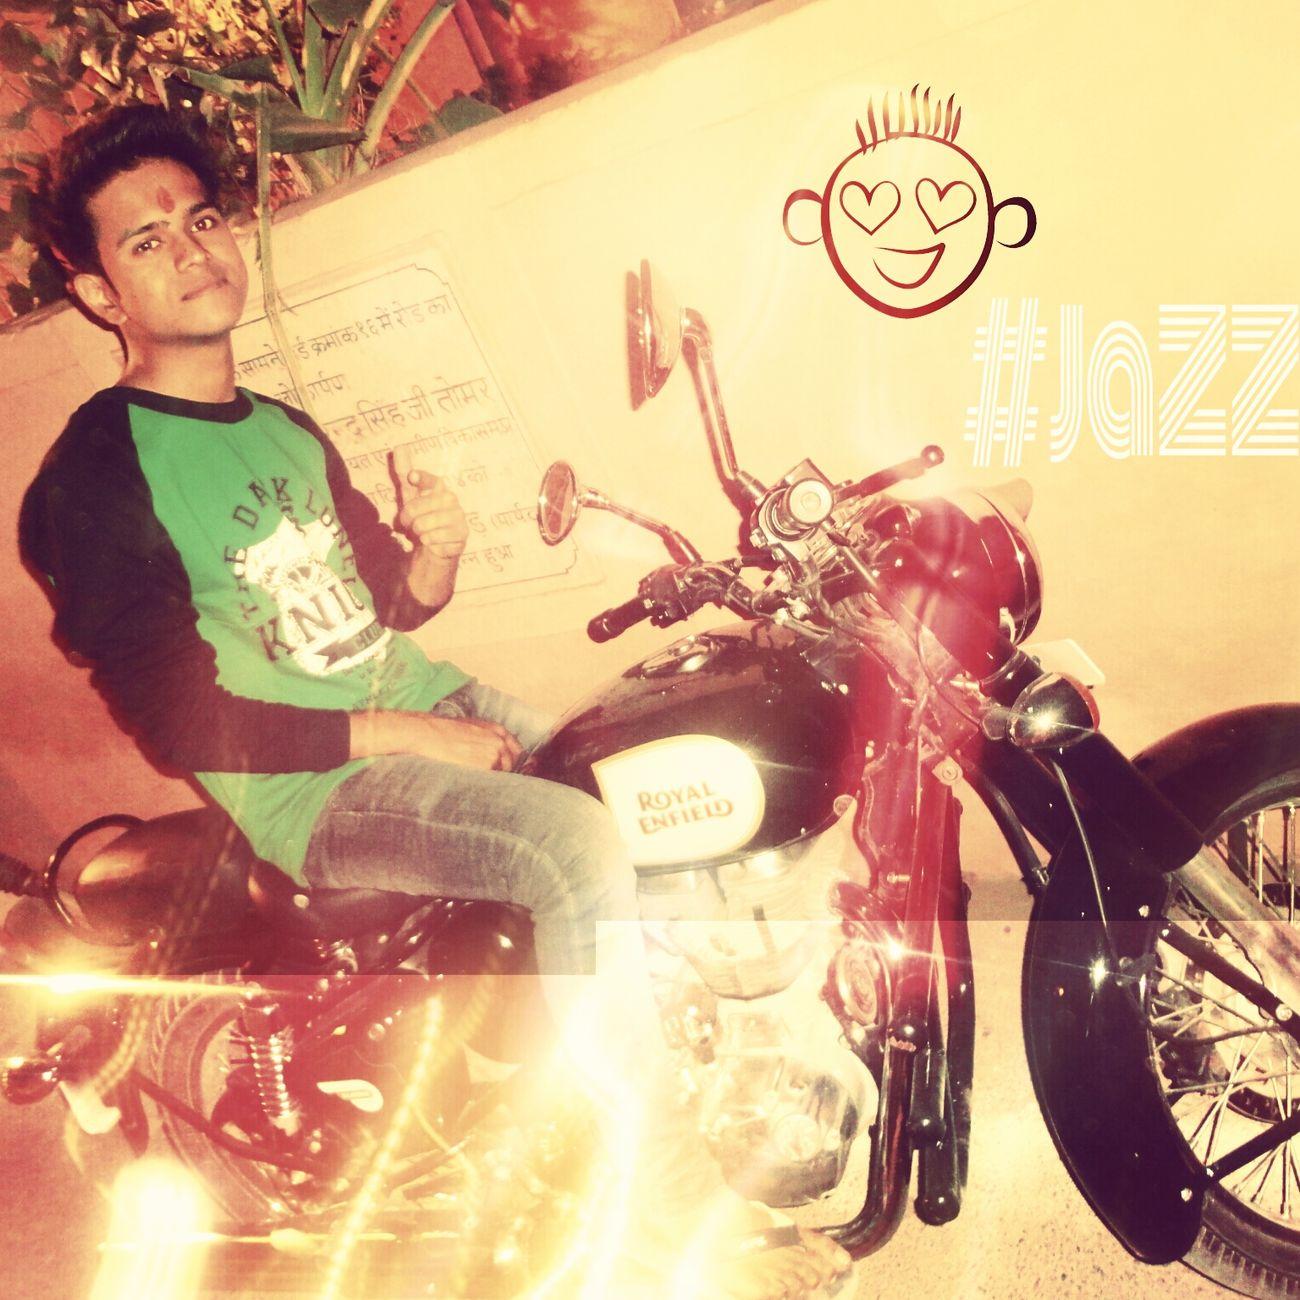 Stylish bullet stylish Jazz☆ !! ;-)